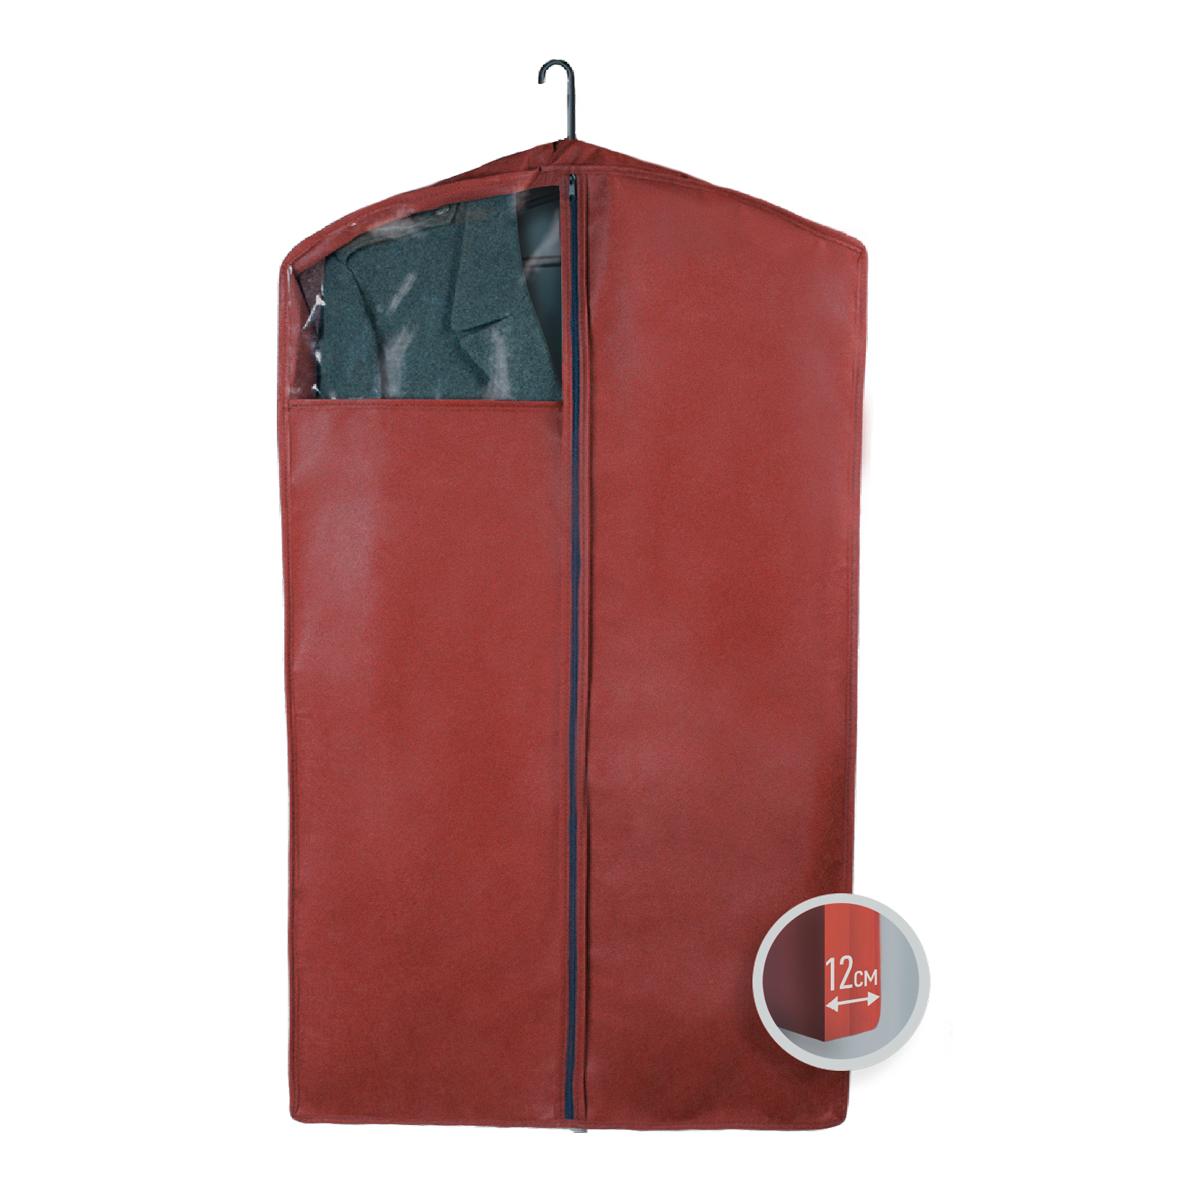 Чехол для верхней одежды Miolla, с окошком, цвет: бордовый, 100 х 60 х 12 смCHL-3-5Чехол для верхней одежды Miolla на застежке-молнии выполнен из высококачественного нетканого материала. Прозрачное полиэтиленовое окошко позволяет видеть содержимое чехла. Подходит для длительного хранения вещей.Чехол обеспечивает вашей одежде надежную защиту от влажности, повреждений и грязи при транспортировке, от запыления при хранении и проникновения моли. Чехол обладает водоотталкивающими свойствами, а также позволяет воздуху свободно поступать внутрь вещей, обеспечивая их кондиционирование. Это особенно важно при хранении кожаных и меховых изделий.Размер чехла: 100 х 60 х 12 см.